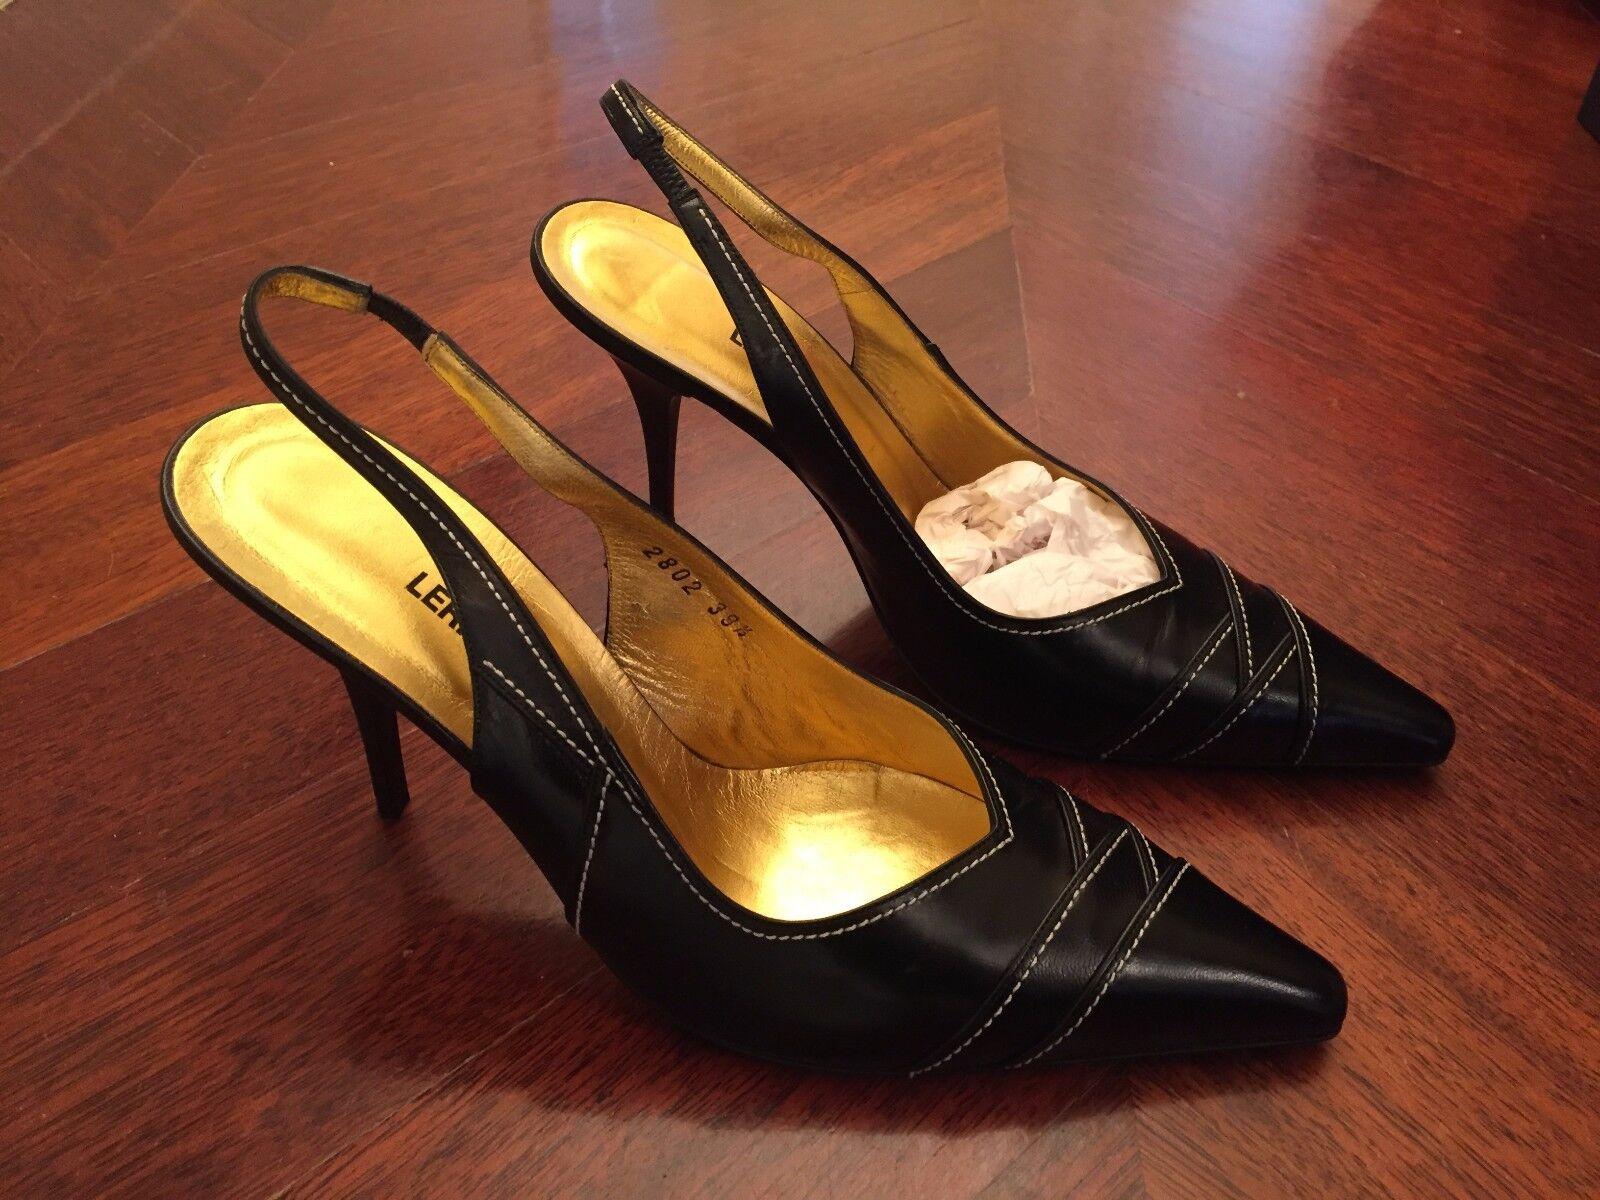 100% authentic fashion Lerre shoes, size 39.5